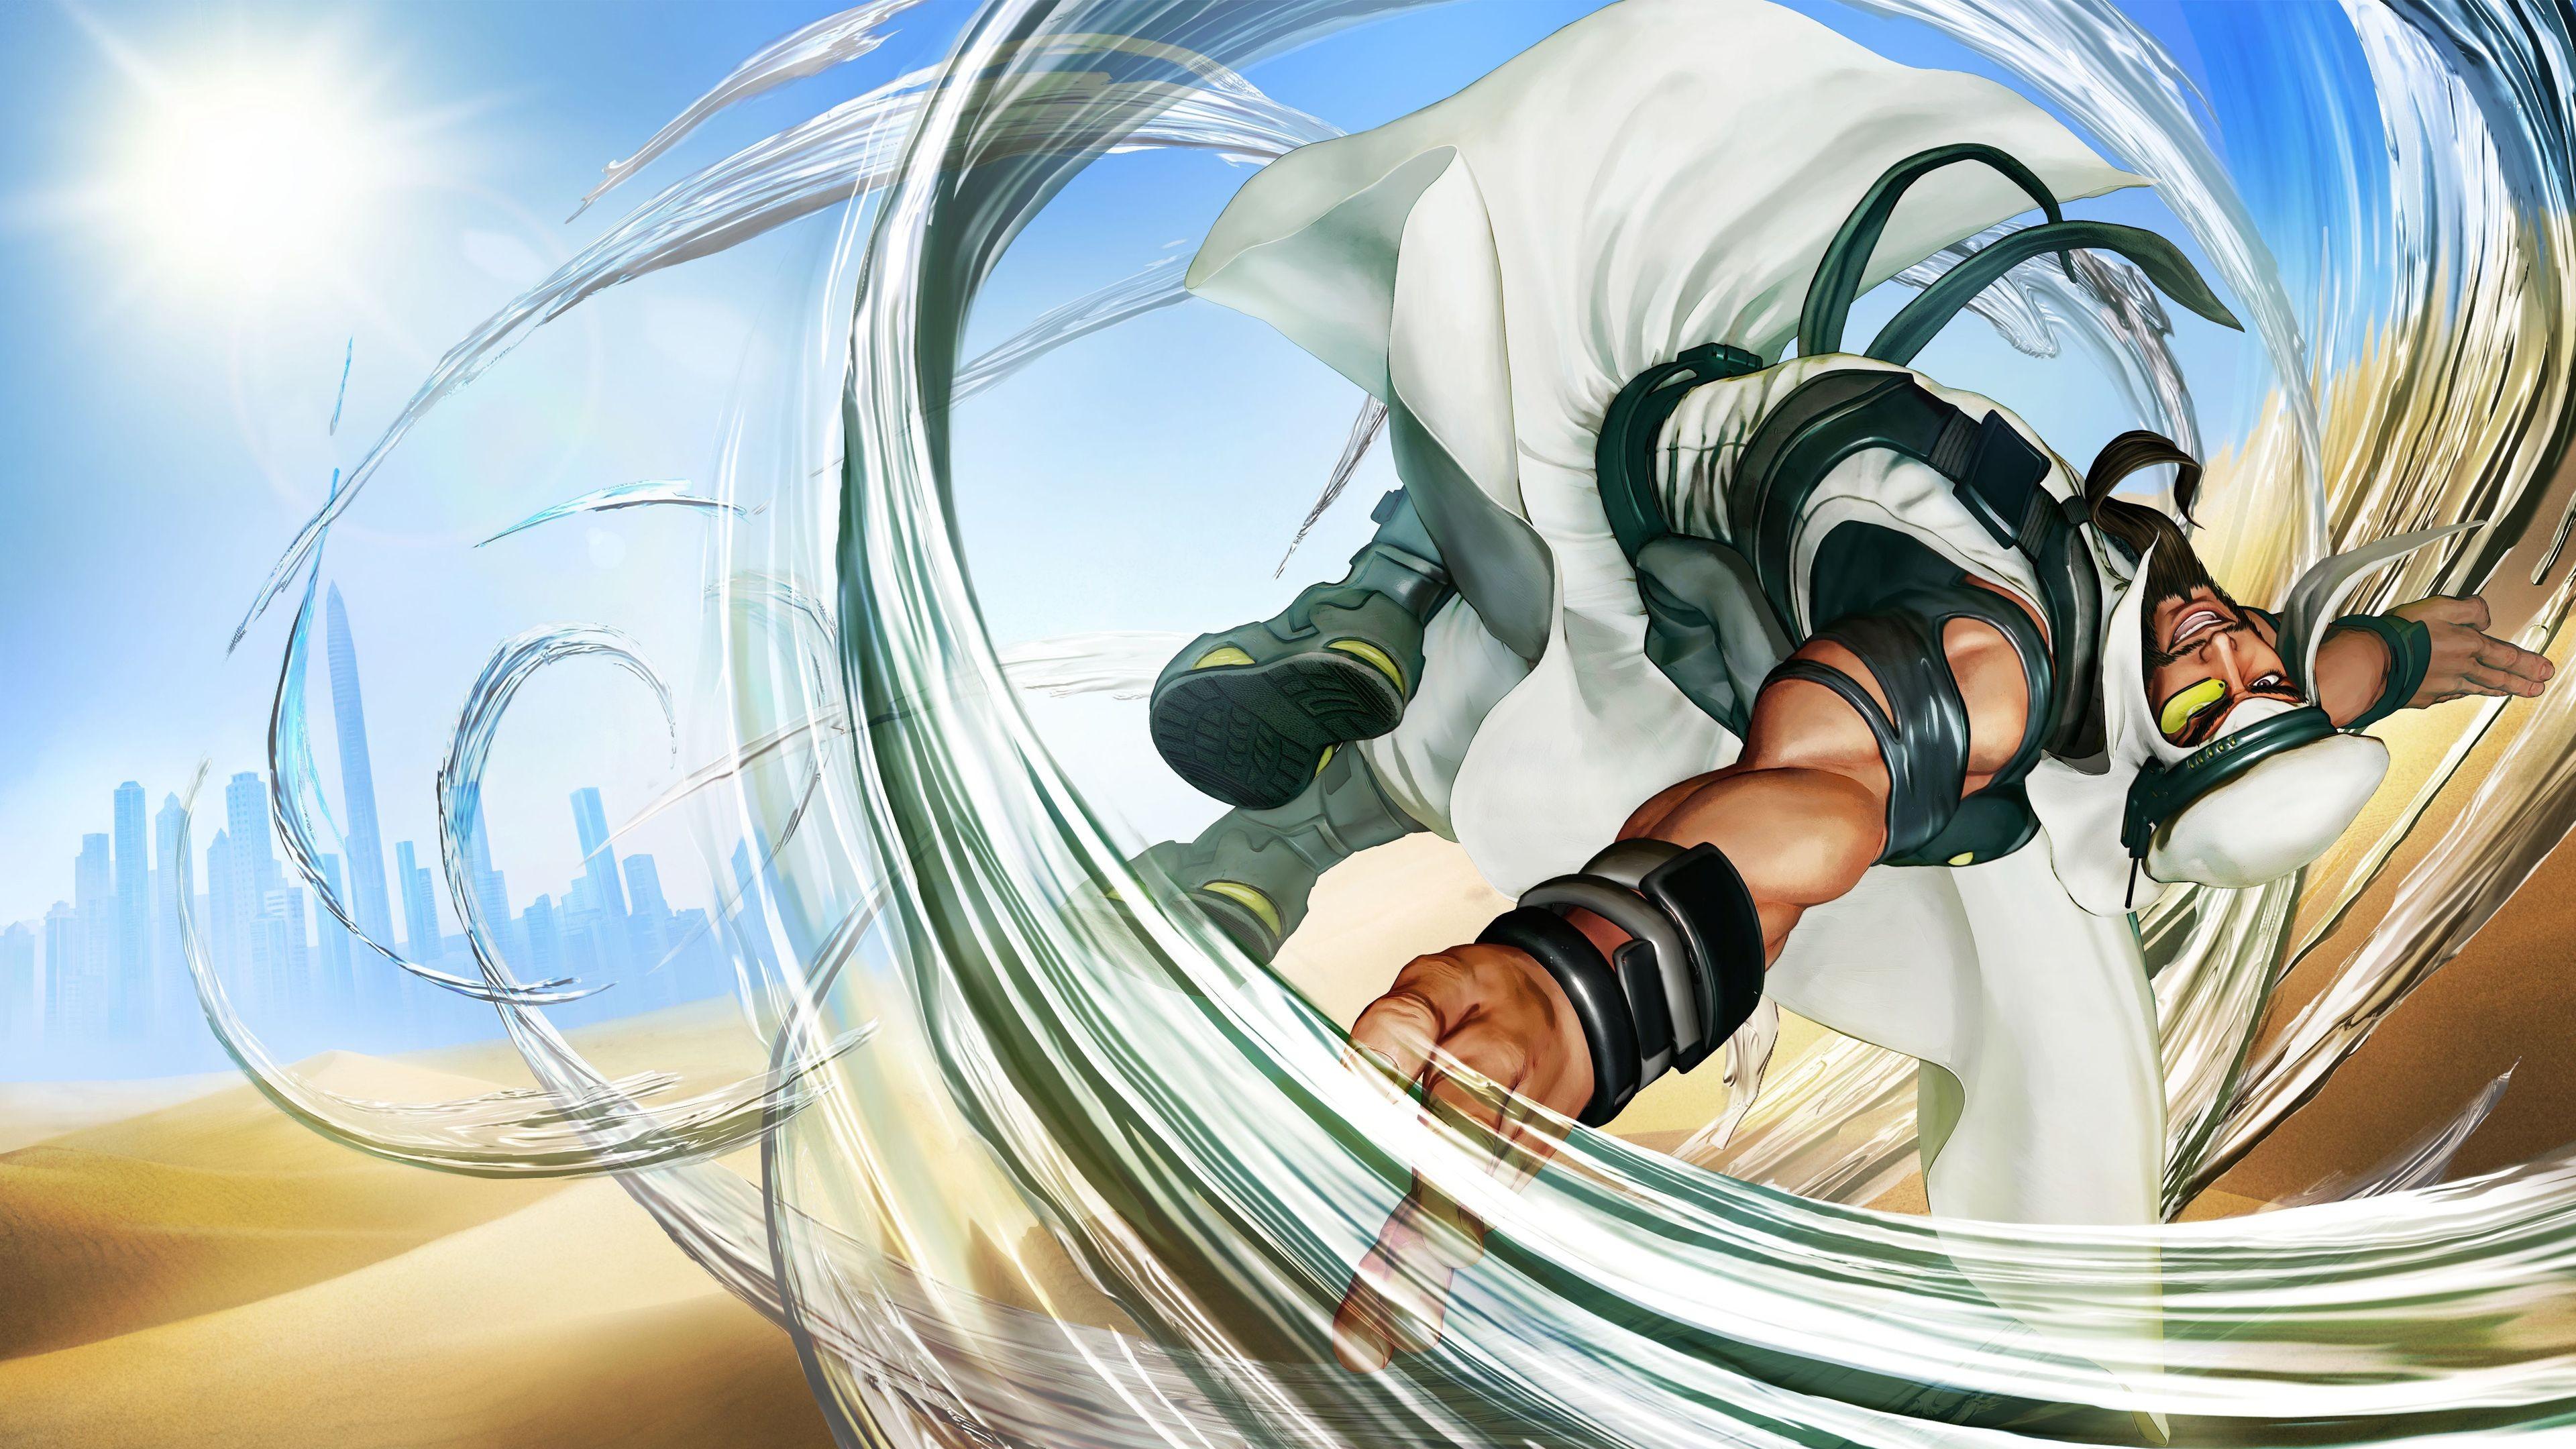 Res: 3840x2160, Street Fighter Cammy Wallpaper by Misucra on DeviantArt